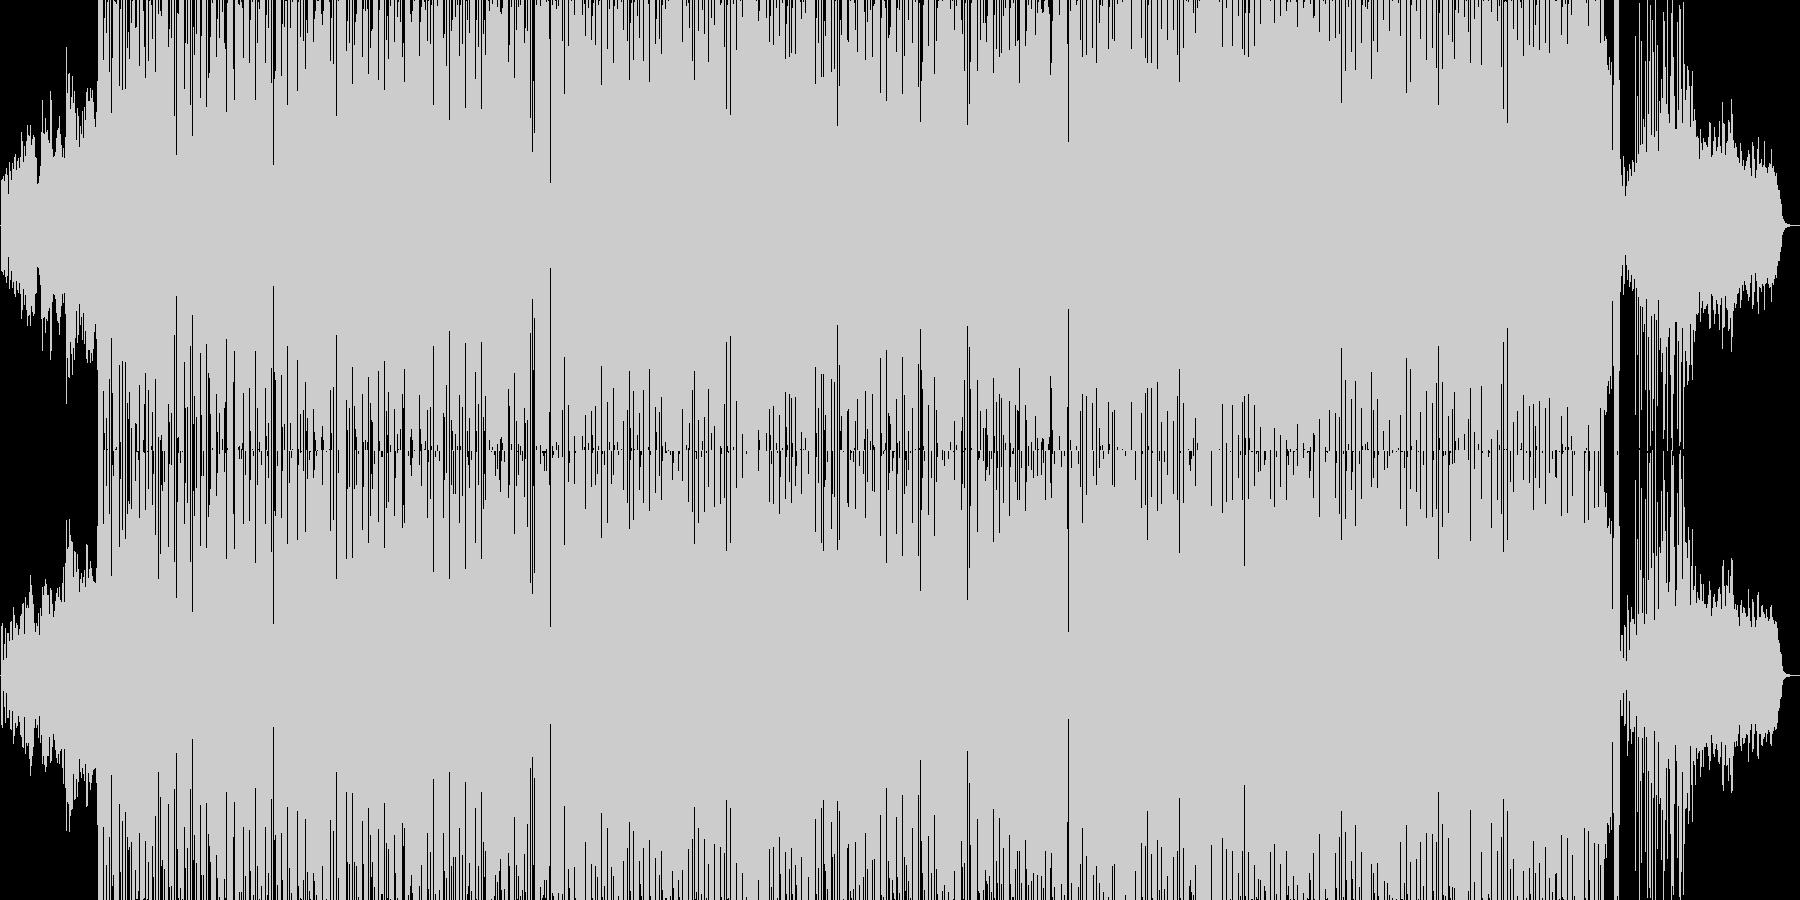 ニューエイジ風で中国風なR&Bポップの未再生の波形